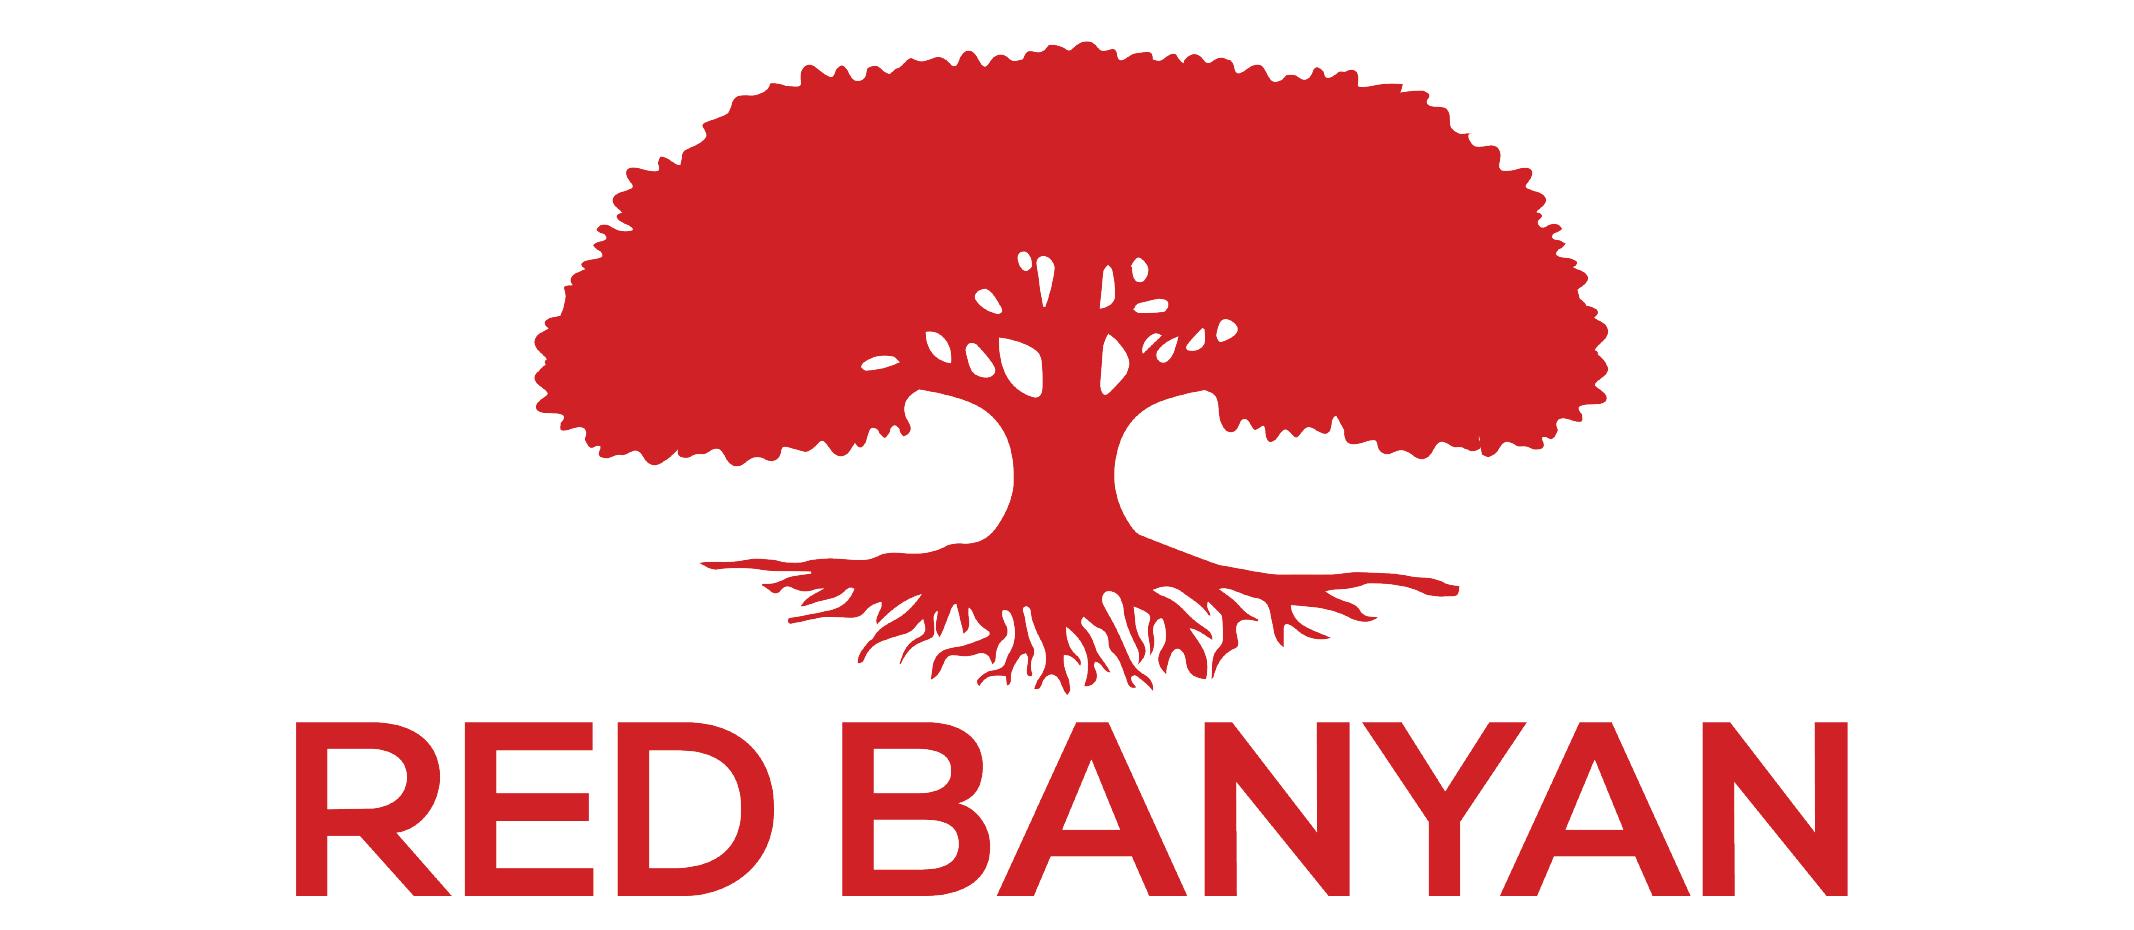 Red Banyan Logo